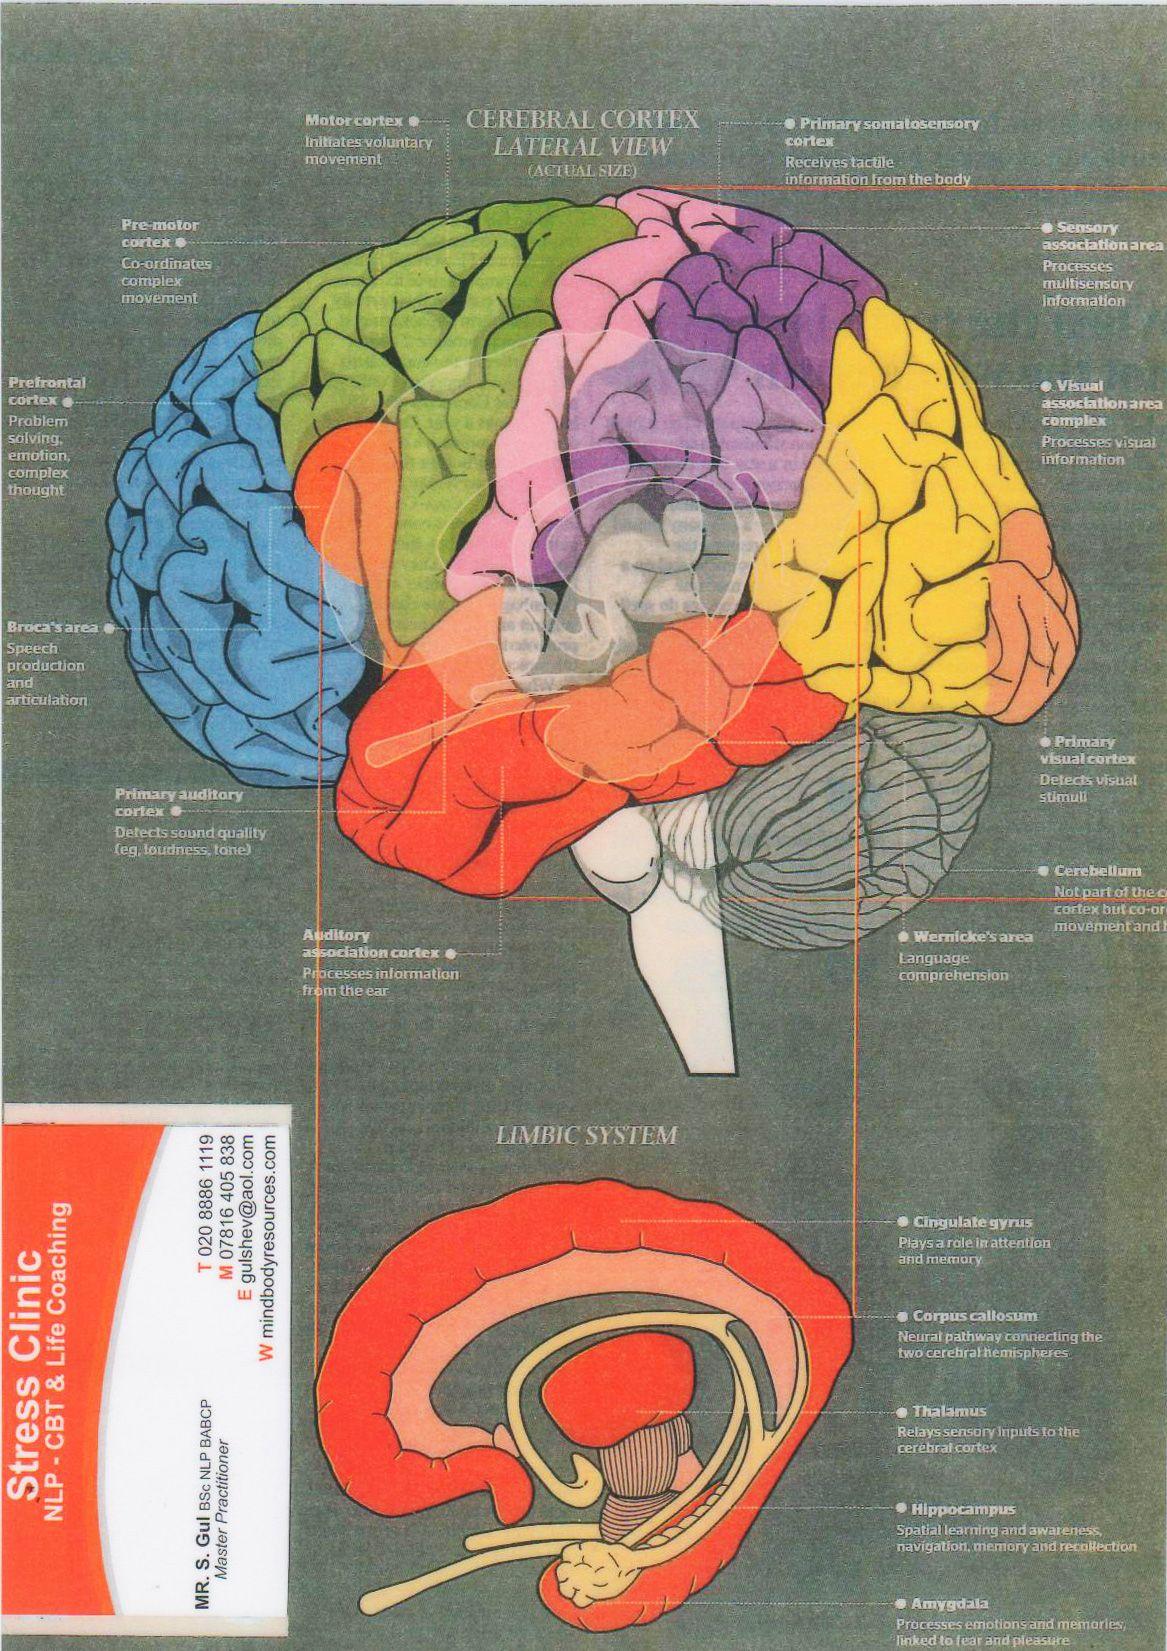 como cérebro humano funciona | PNL | Pinterest